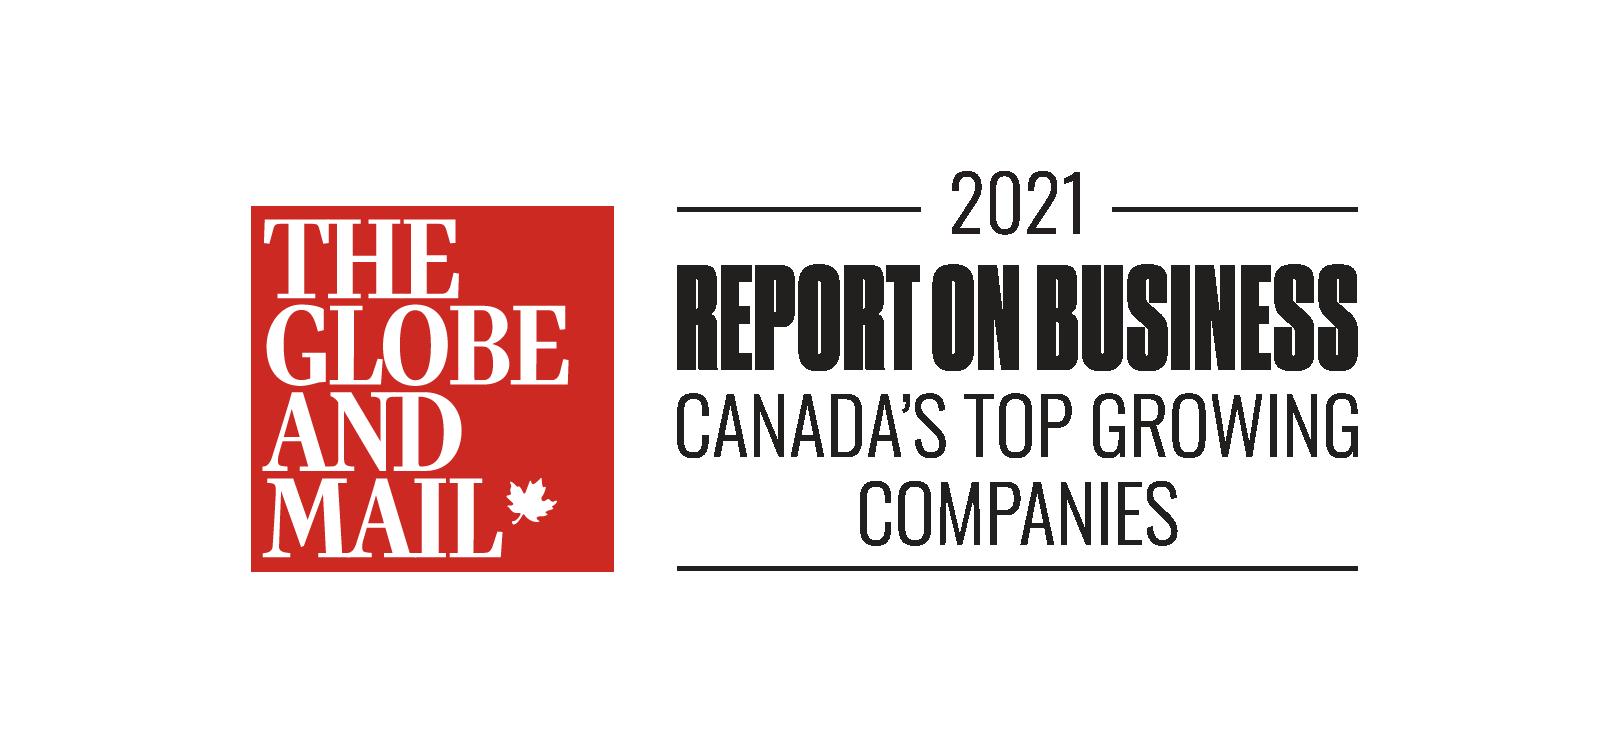 Techso parmi les sociétés canadiennes à plus forte croissance pour une 3e année consécutive.